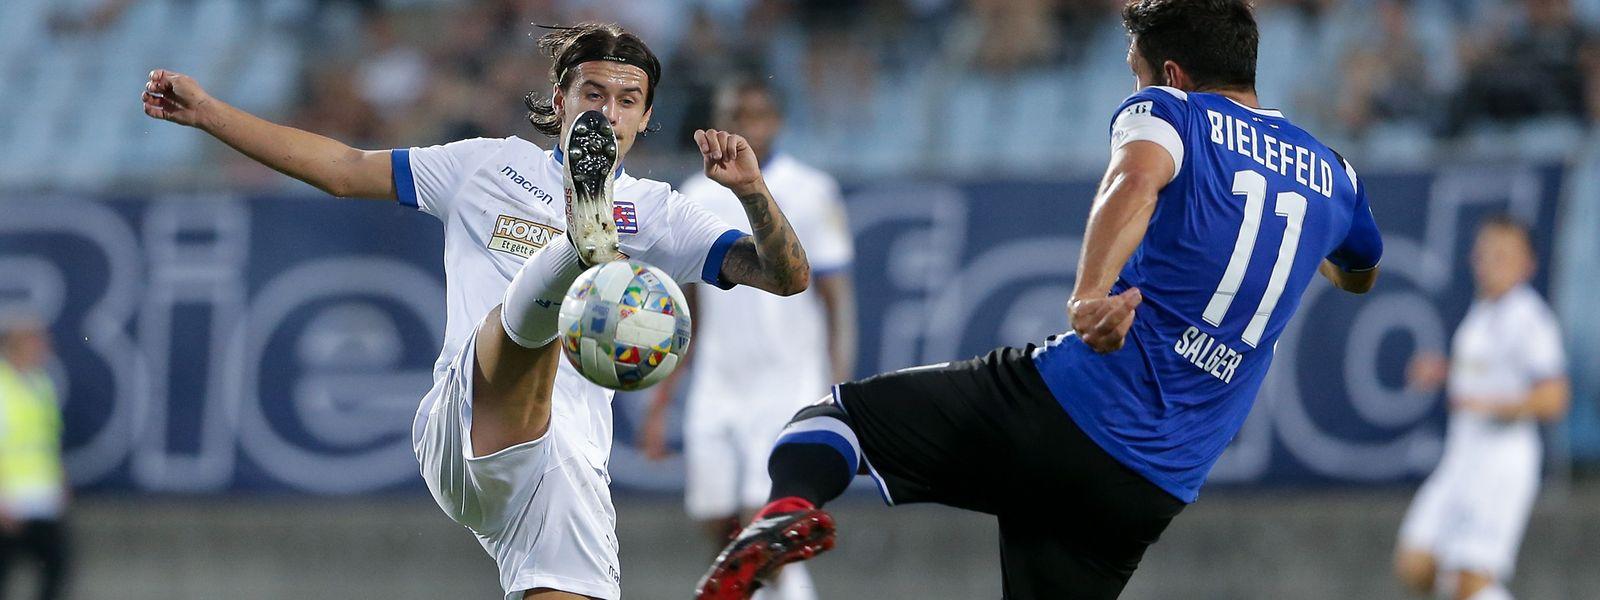 Olivier Thill, hier gegen Bielefelds Stephan Salger, hofft auf einen guten Start in die Nations League.